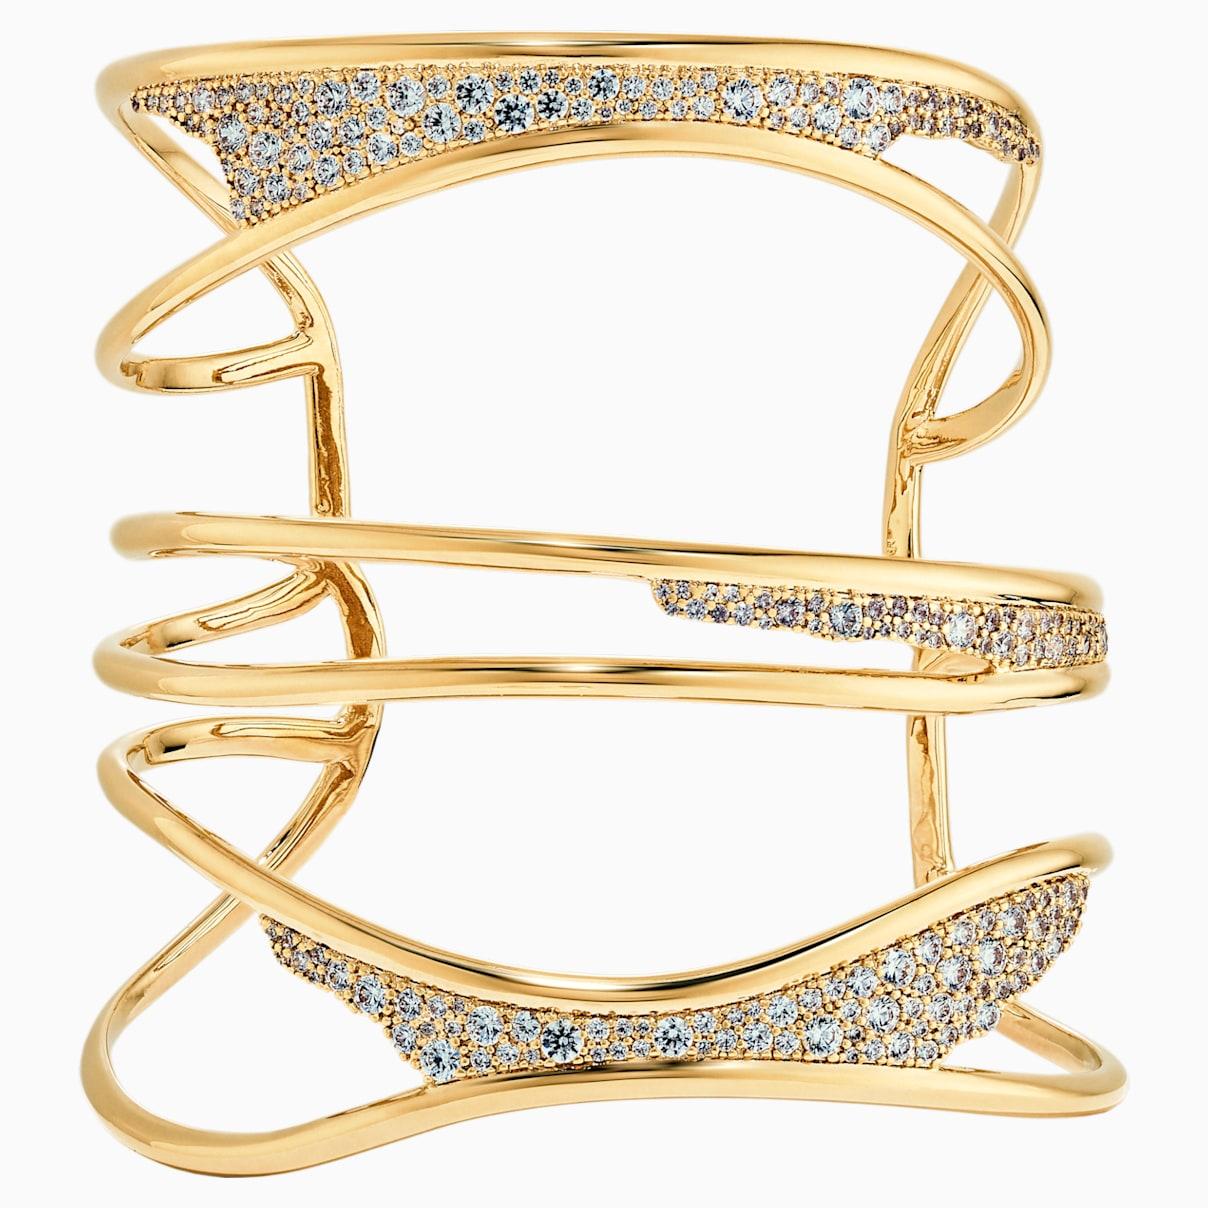 Gilded Treasures Armreif, weiss, vergoldet